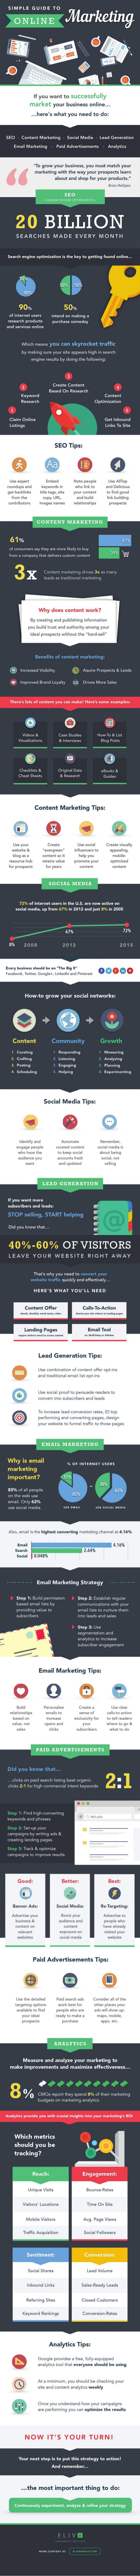 Una infografía, bastante extensa y detallada, a modo de guía de referencia para todos los interesados en hacer un buen Marketing Online